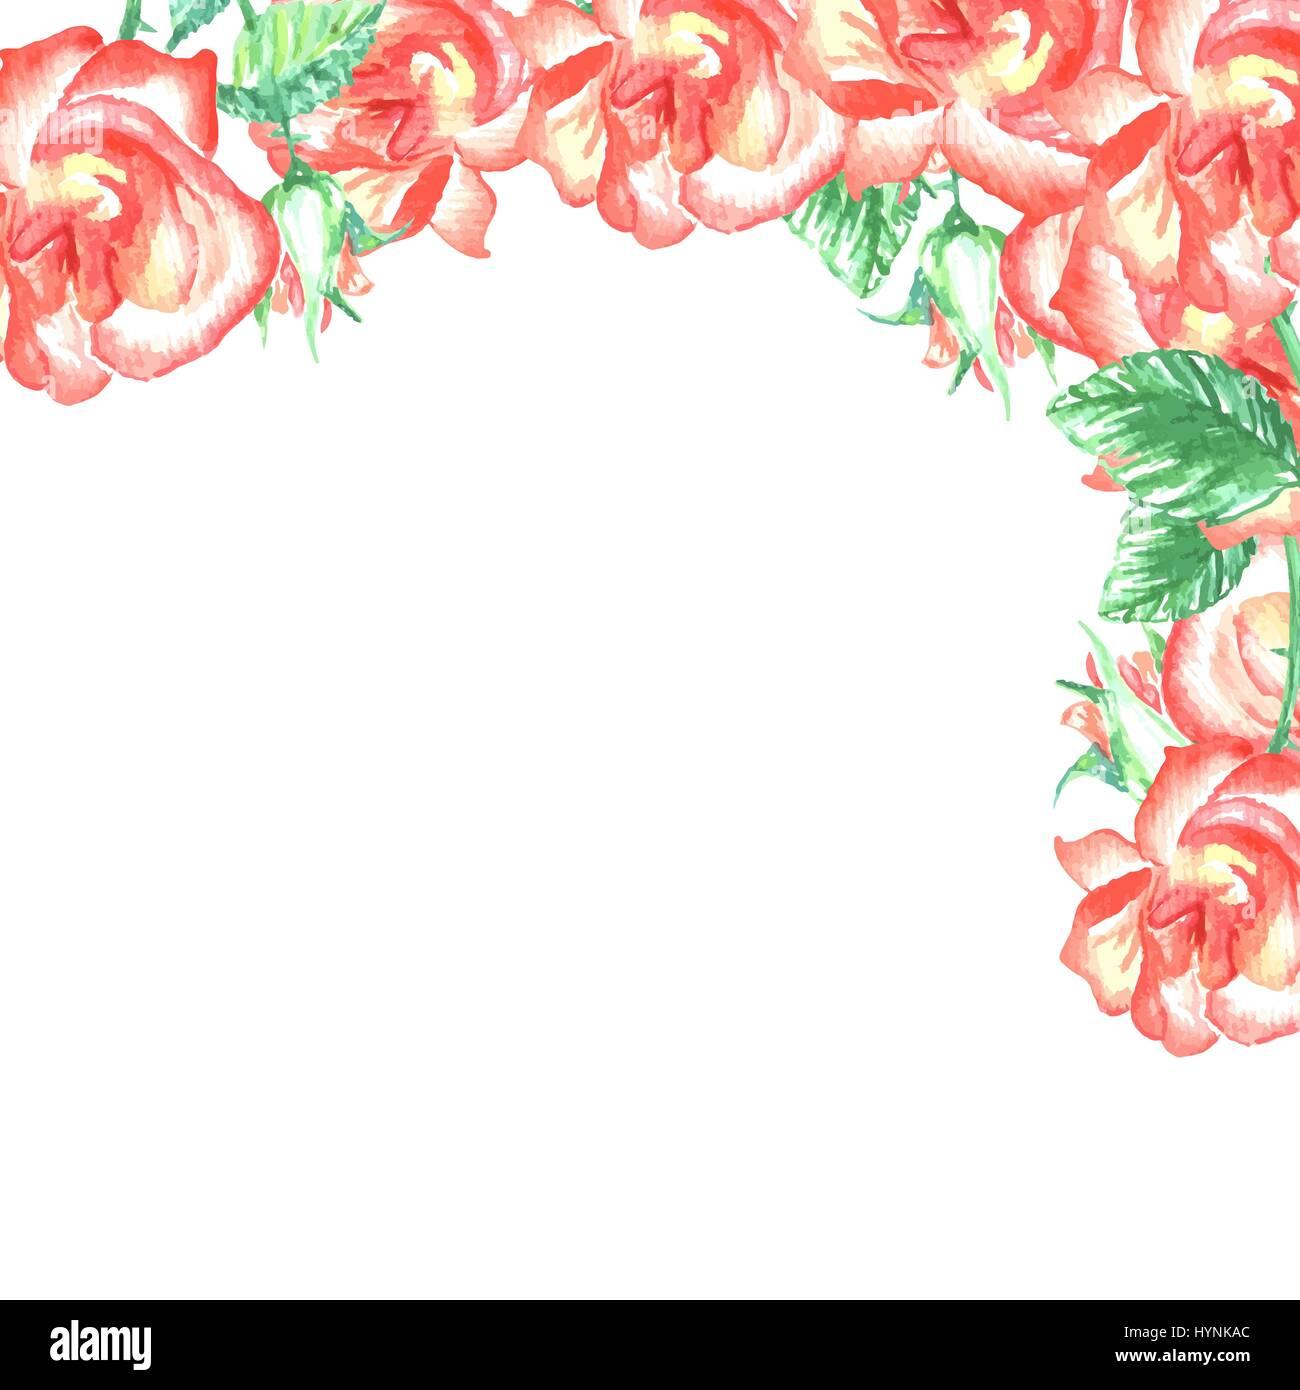 roses corner border for wedding design stock vector image art alamy https www alamy com stock photo roses corner border for wedding design 137544468 html